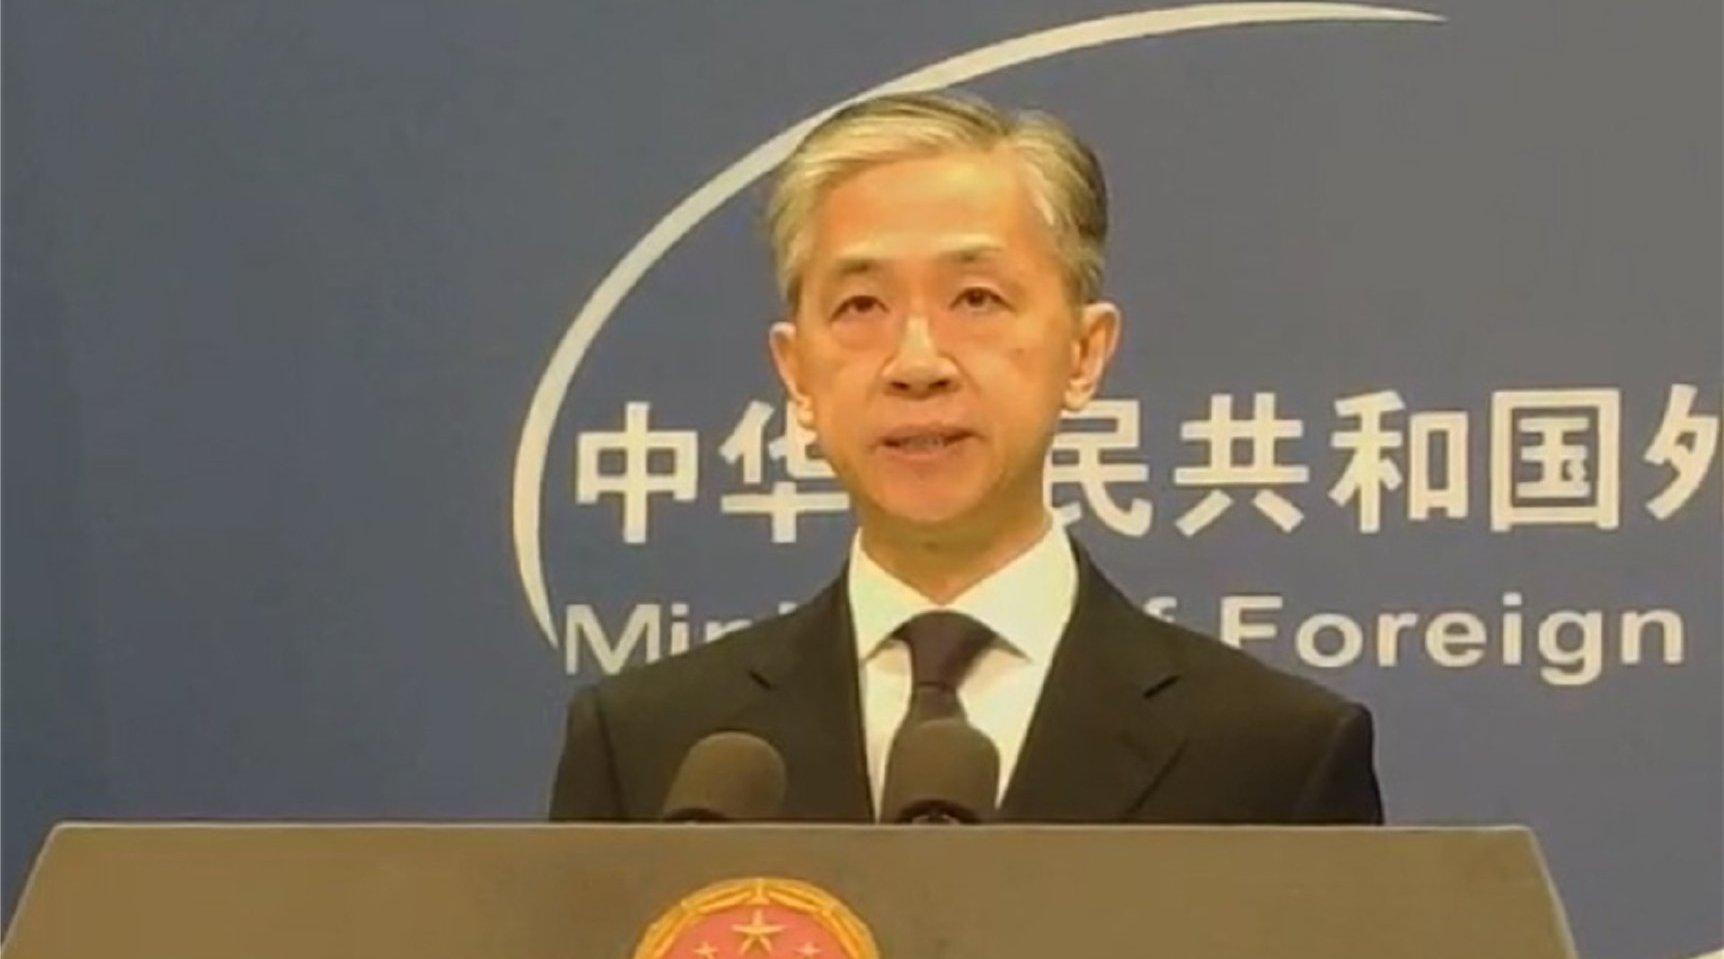 外交部:孟晚舟事件是一起严重的政治事件